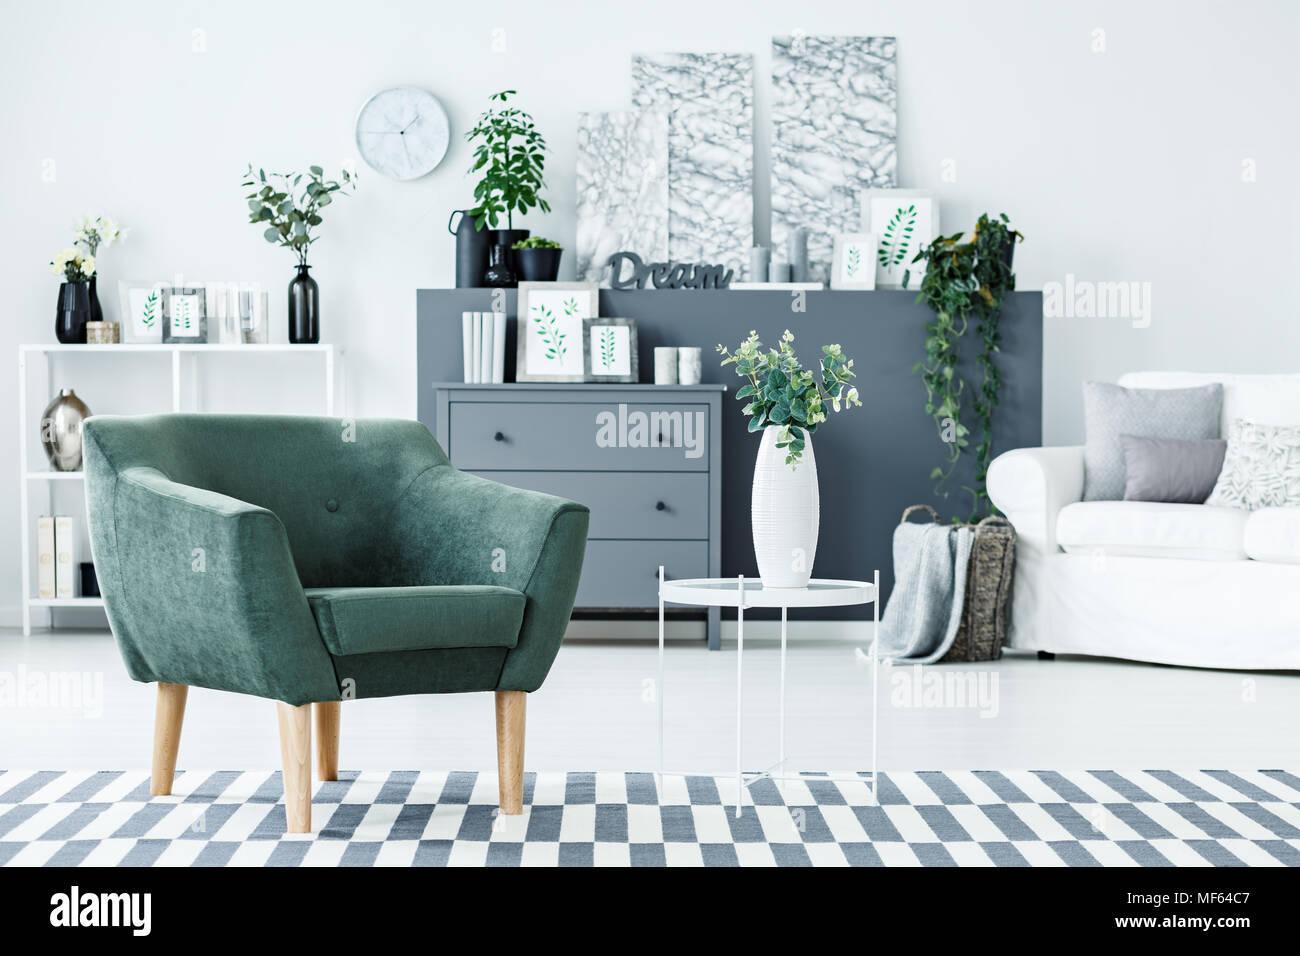 Salotto Moderno Verde : Poltrona verde in piedi sul tappeto in salotto luminoso interno